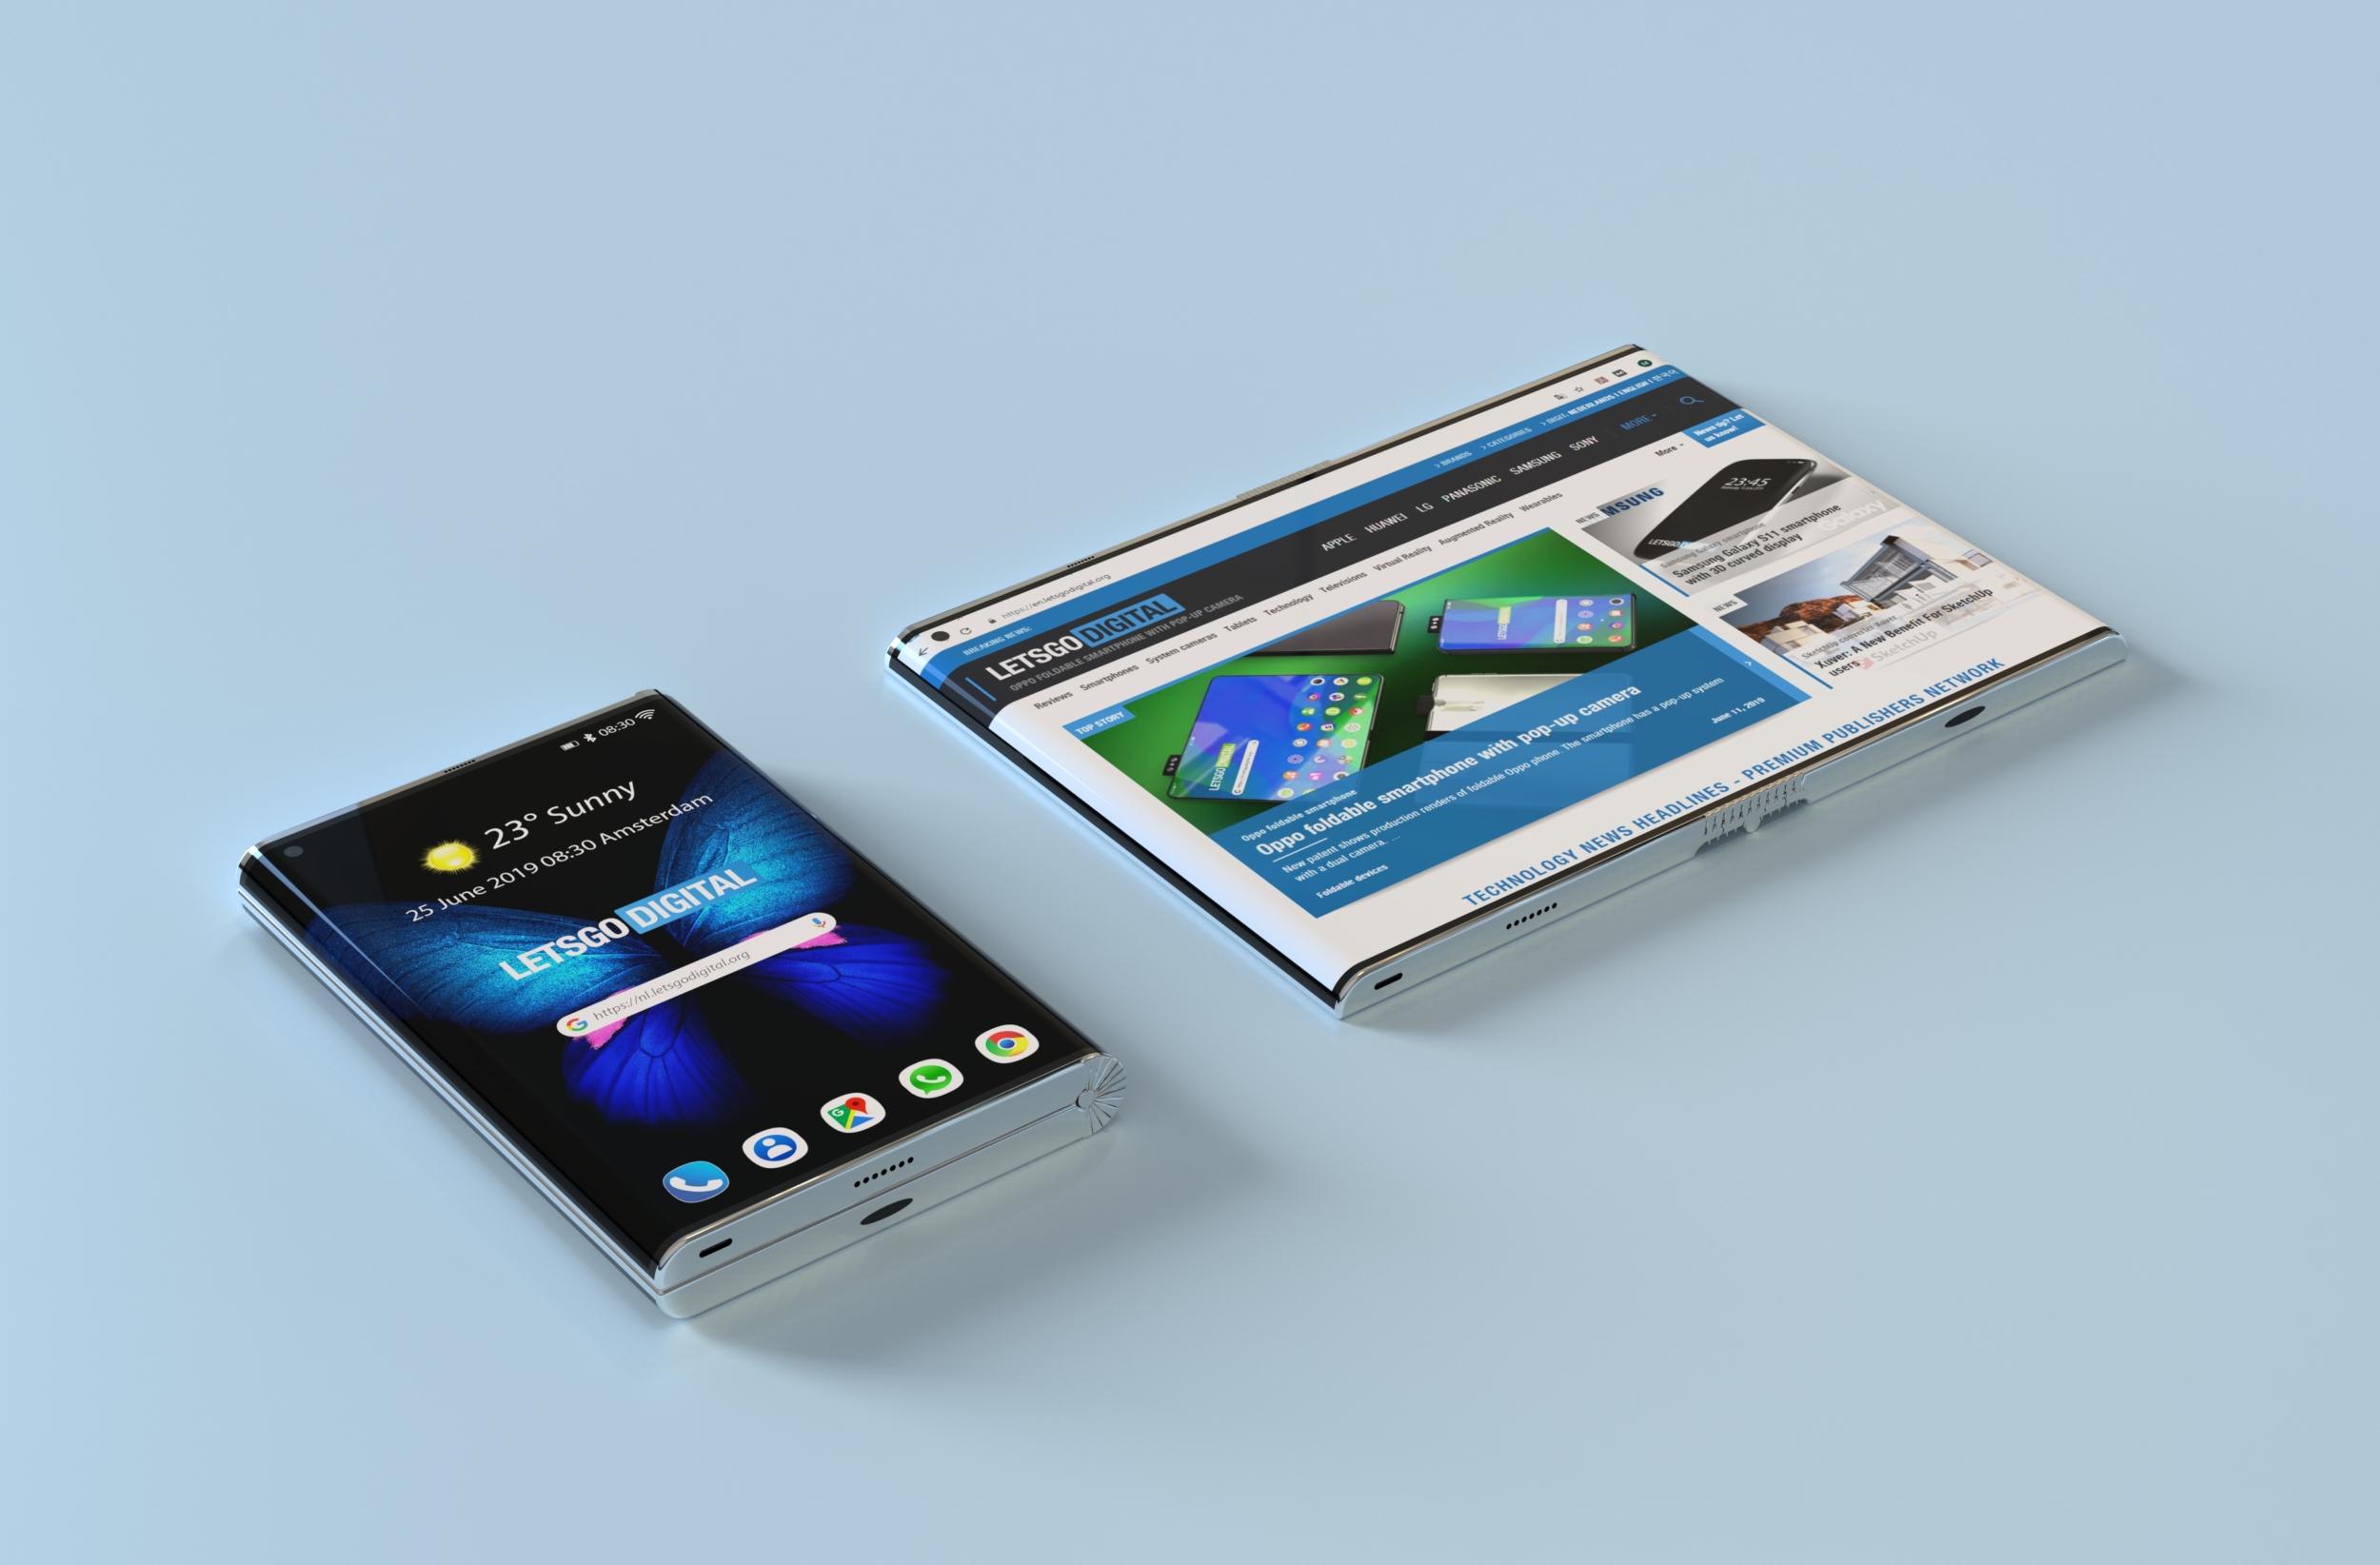 Samsung si pohrává s konceptem ohebného Edge tabletu